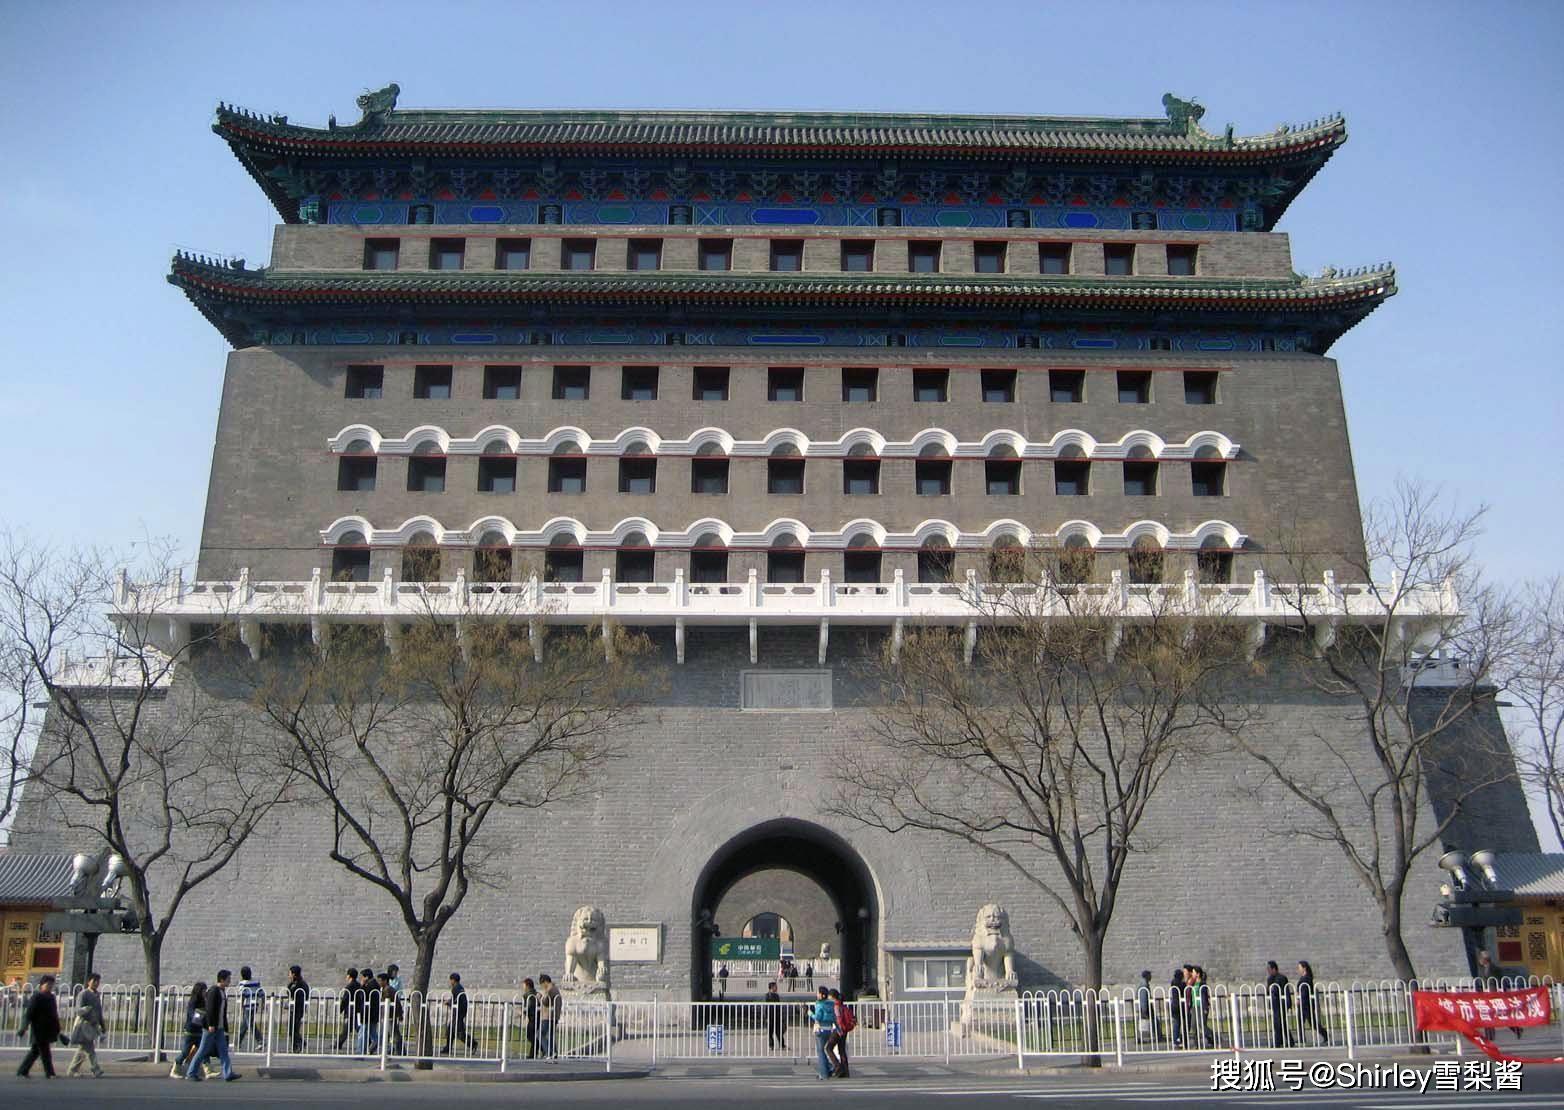 原创             中国零公里标志在哪?绝大部分人不知道,一个简单的点象征着国力